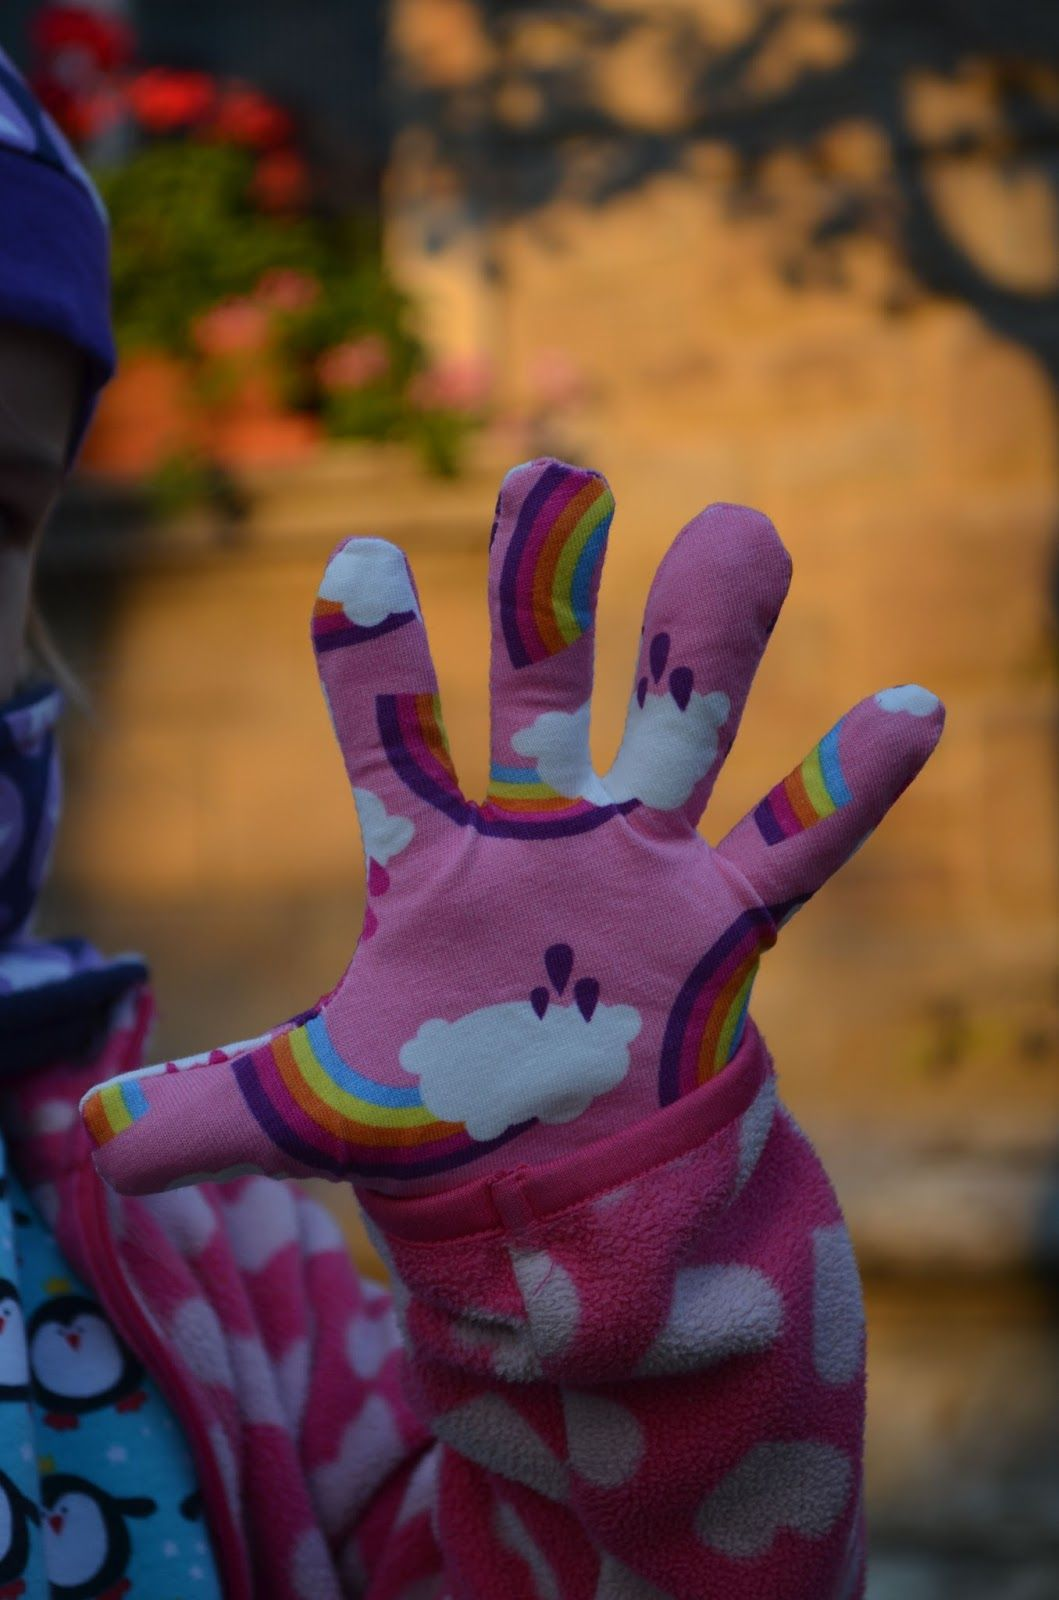 Auch im Herbst kann man schon mal richtig kalte Finger kriegen ...